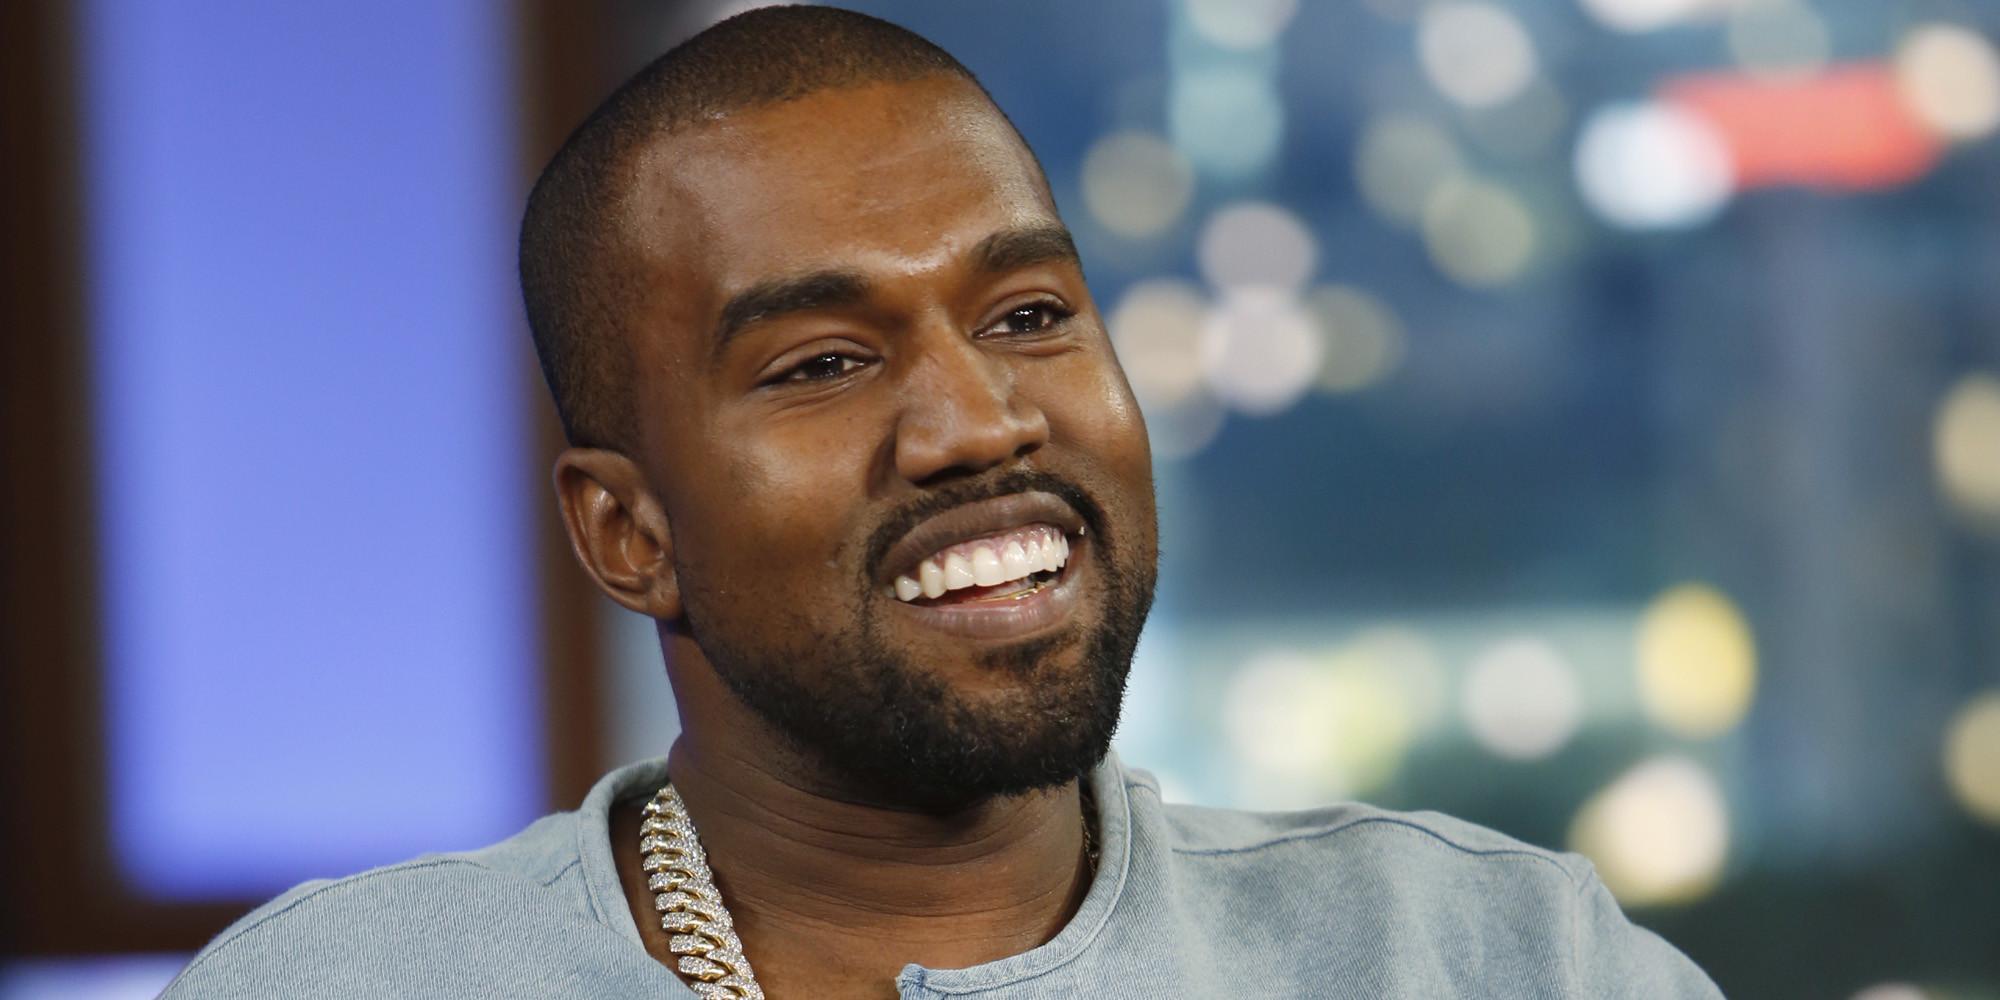 Kanye West a luat-o razna! Se vede preşedintele Americii şi vrea